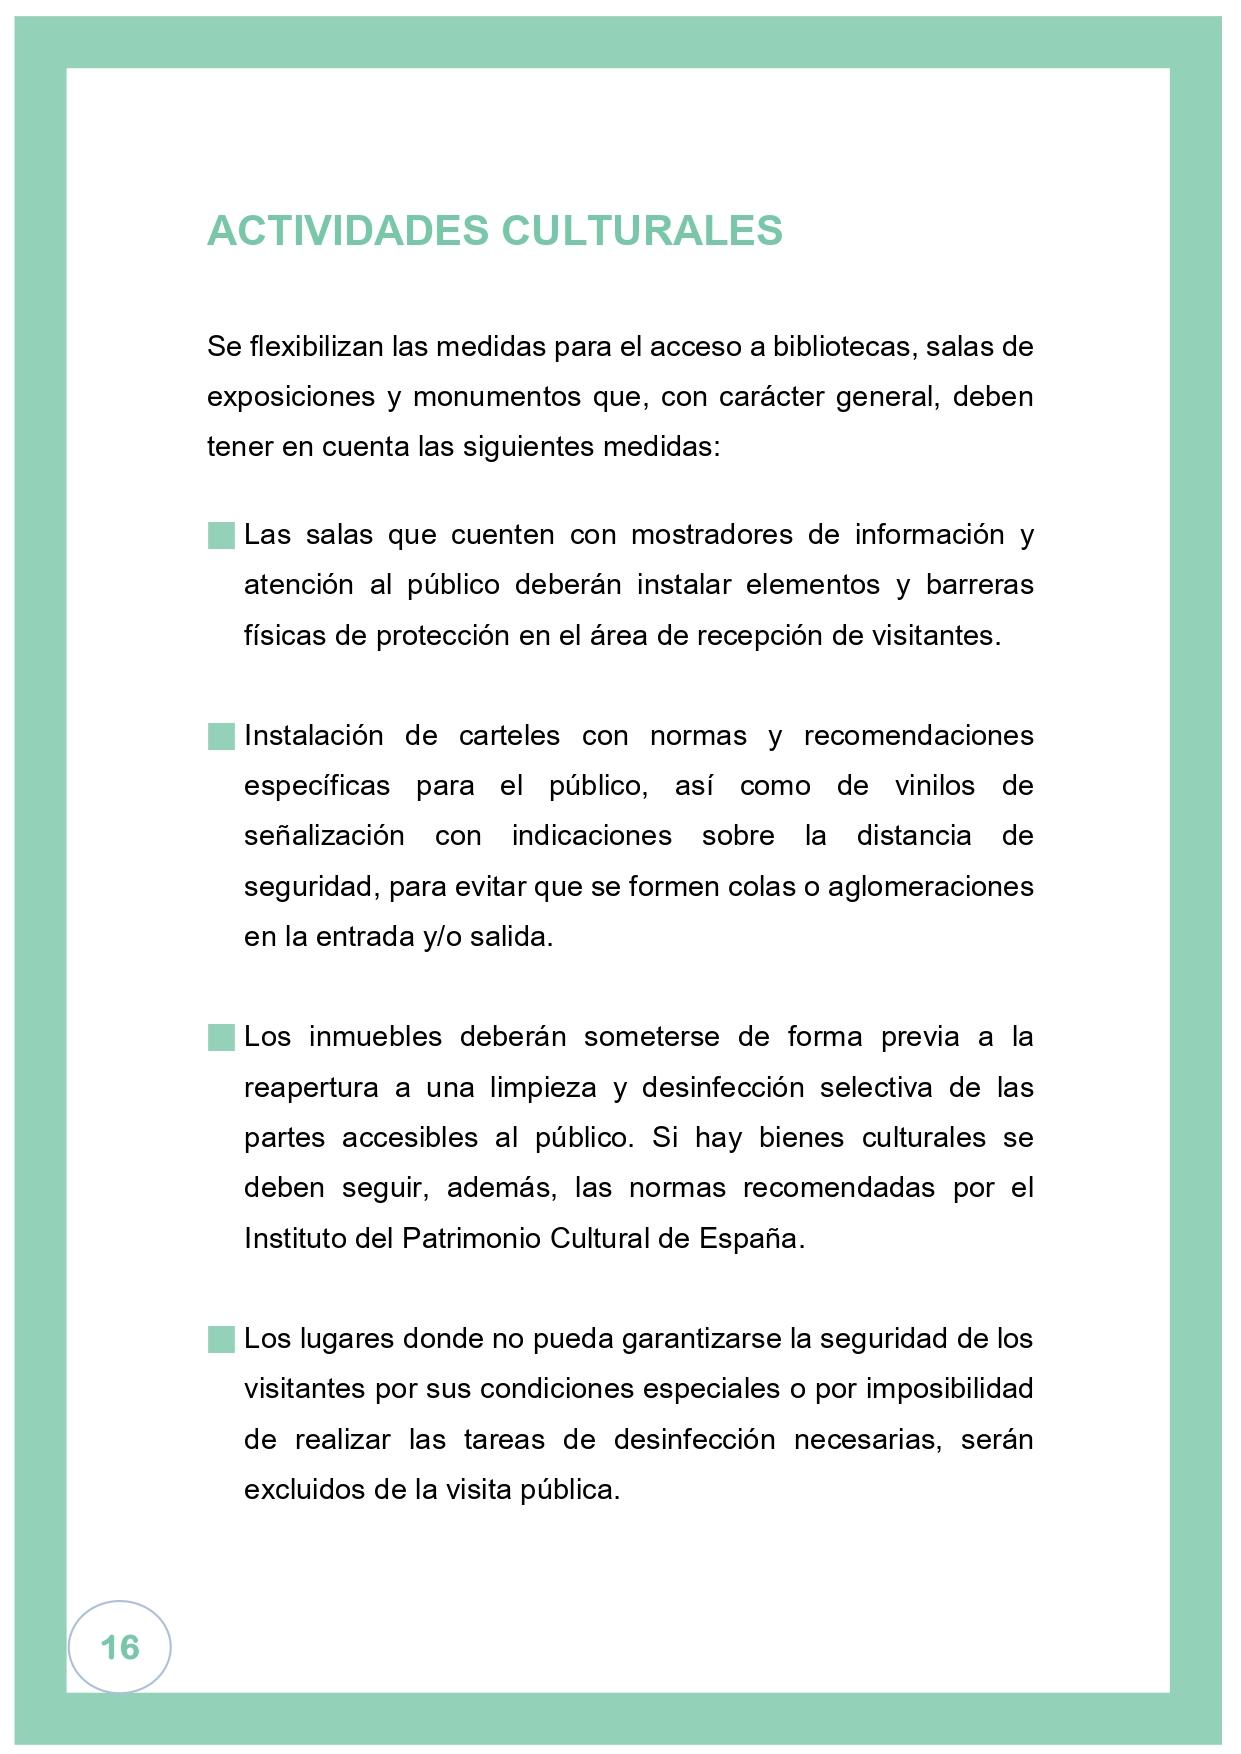 El gobierno oficializa que el Bierzo y Laciana pasan a la fase 2 el lunes 1 de junio 19